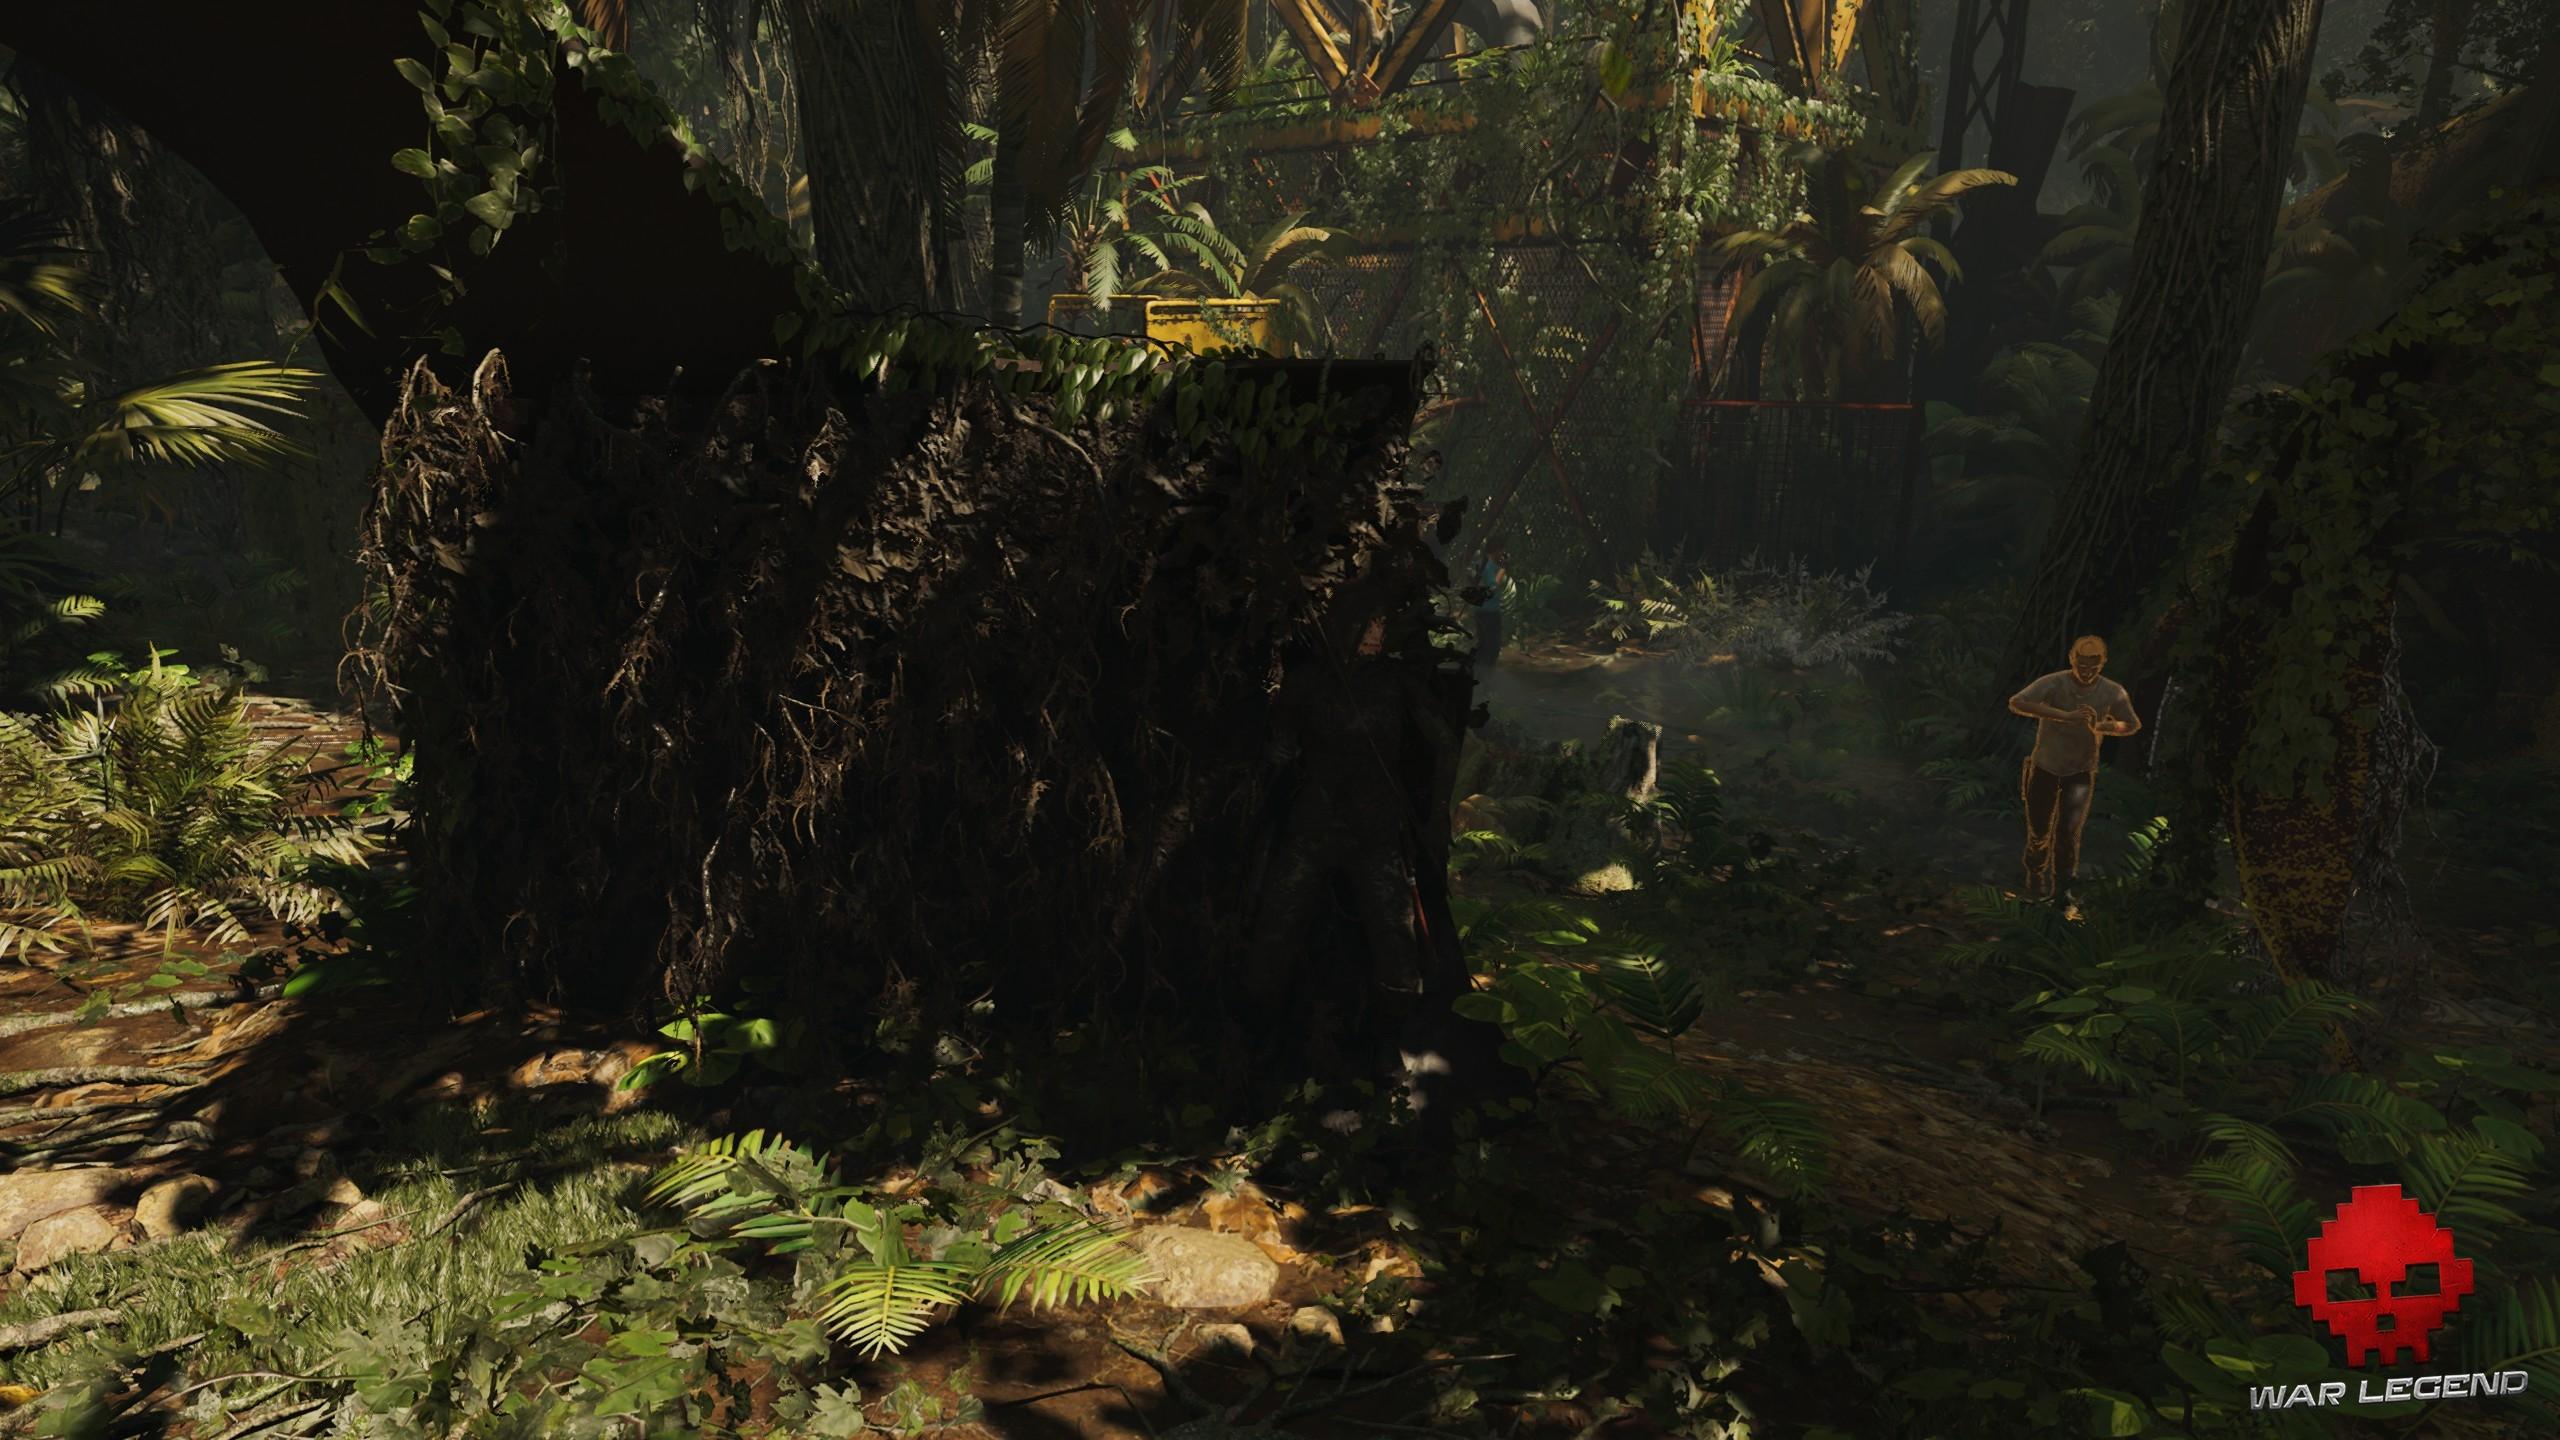 Lara utilise la boue pour se cacher dans l'environnement